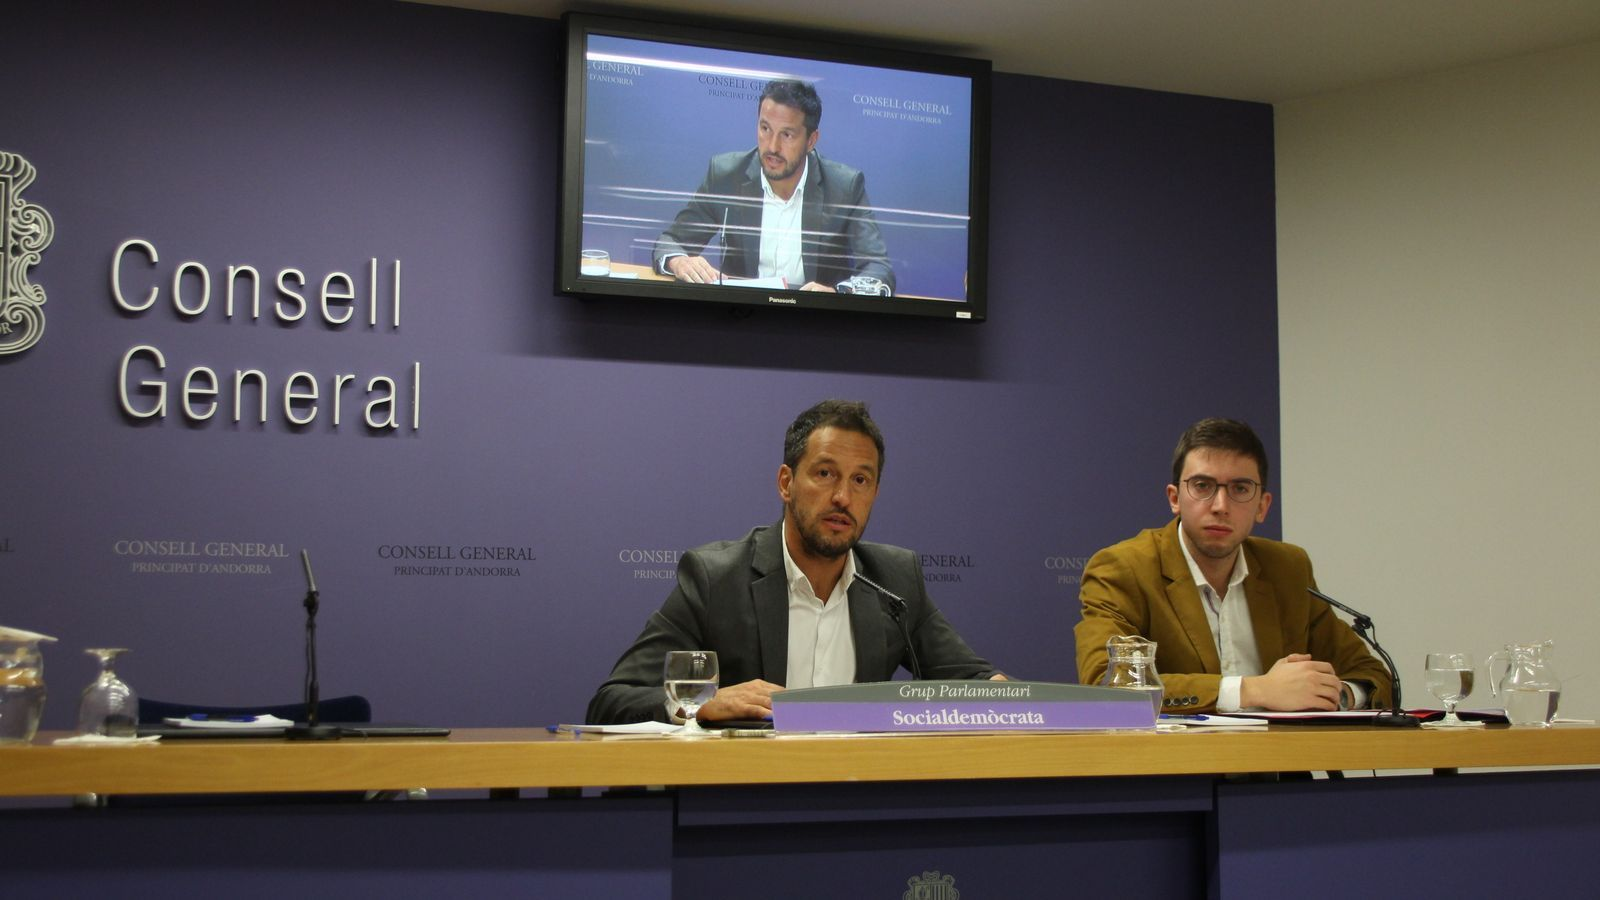 El president del grup parlamentari socialdemòcrata, Pere López, i el conseller Roger Padreny, durant la roda de premsa. / M. F.